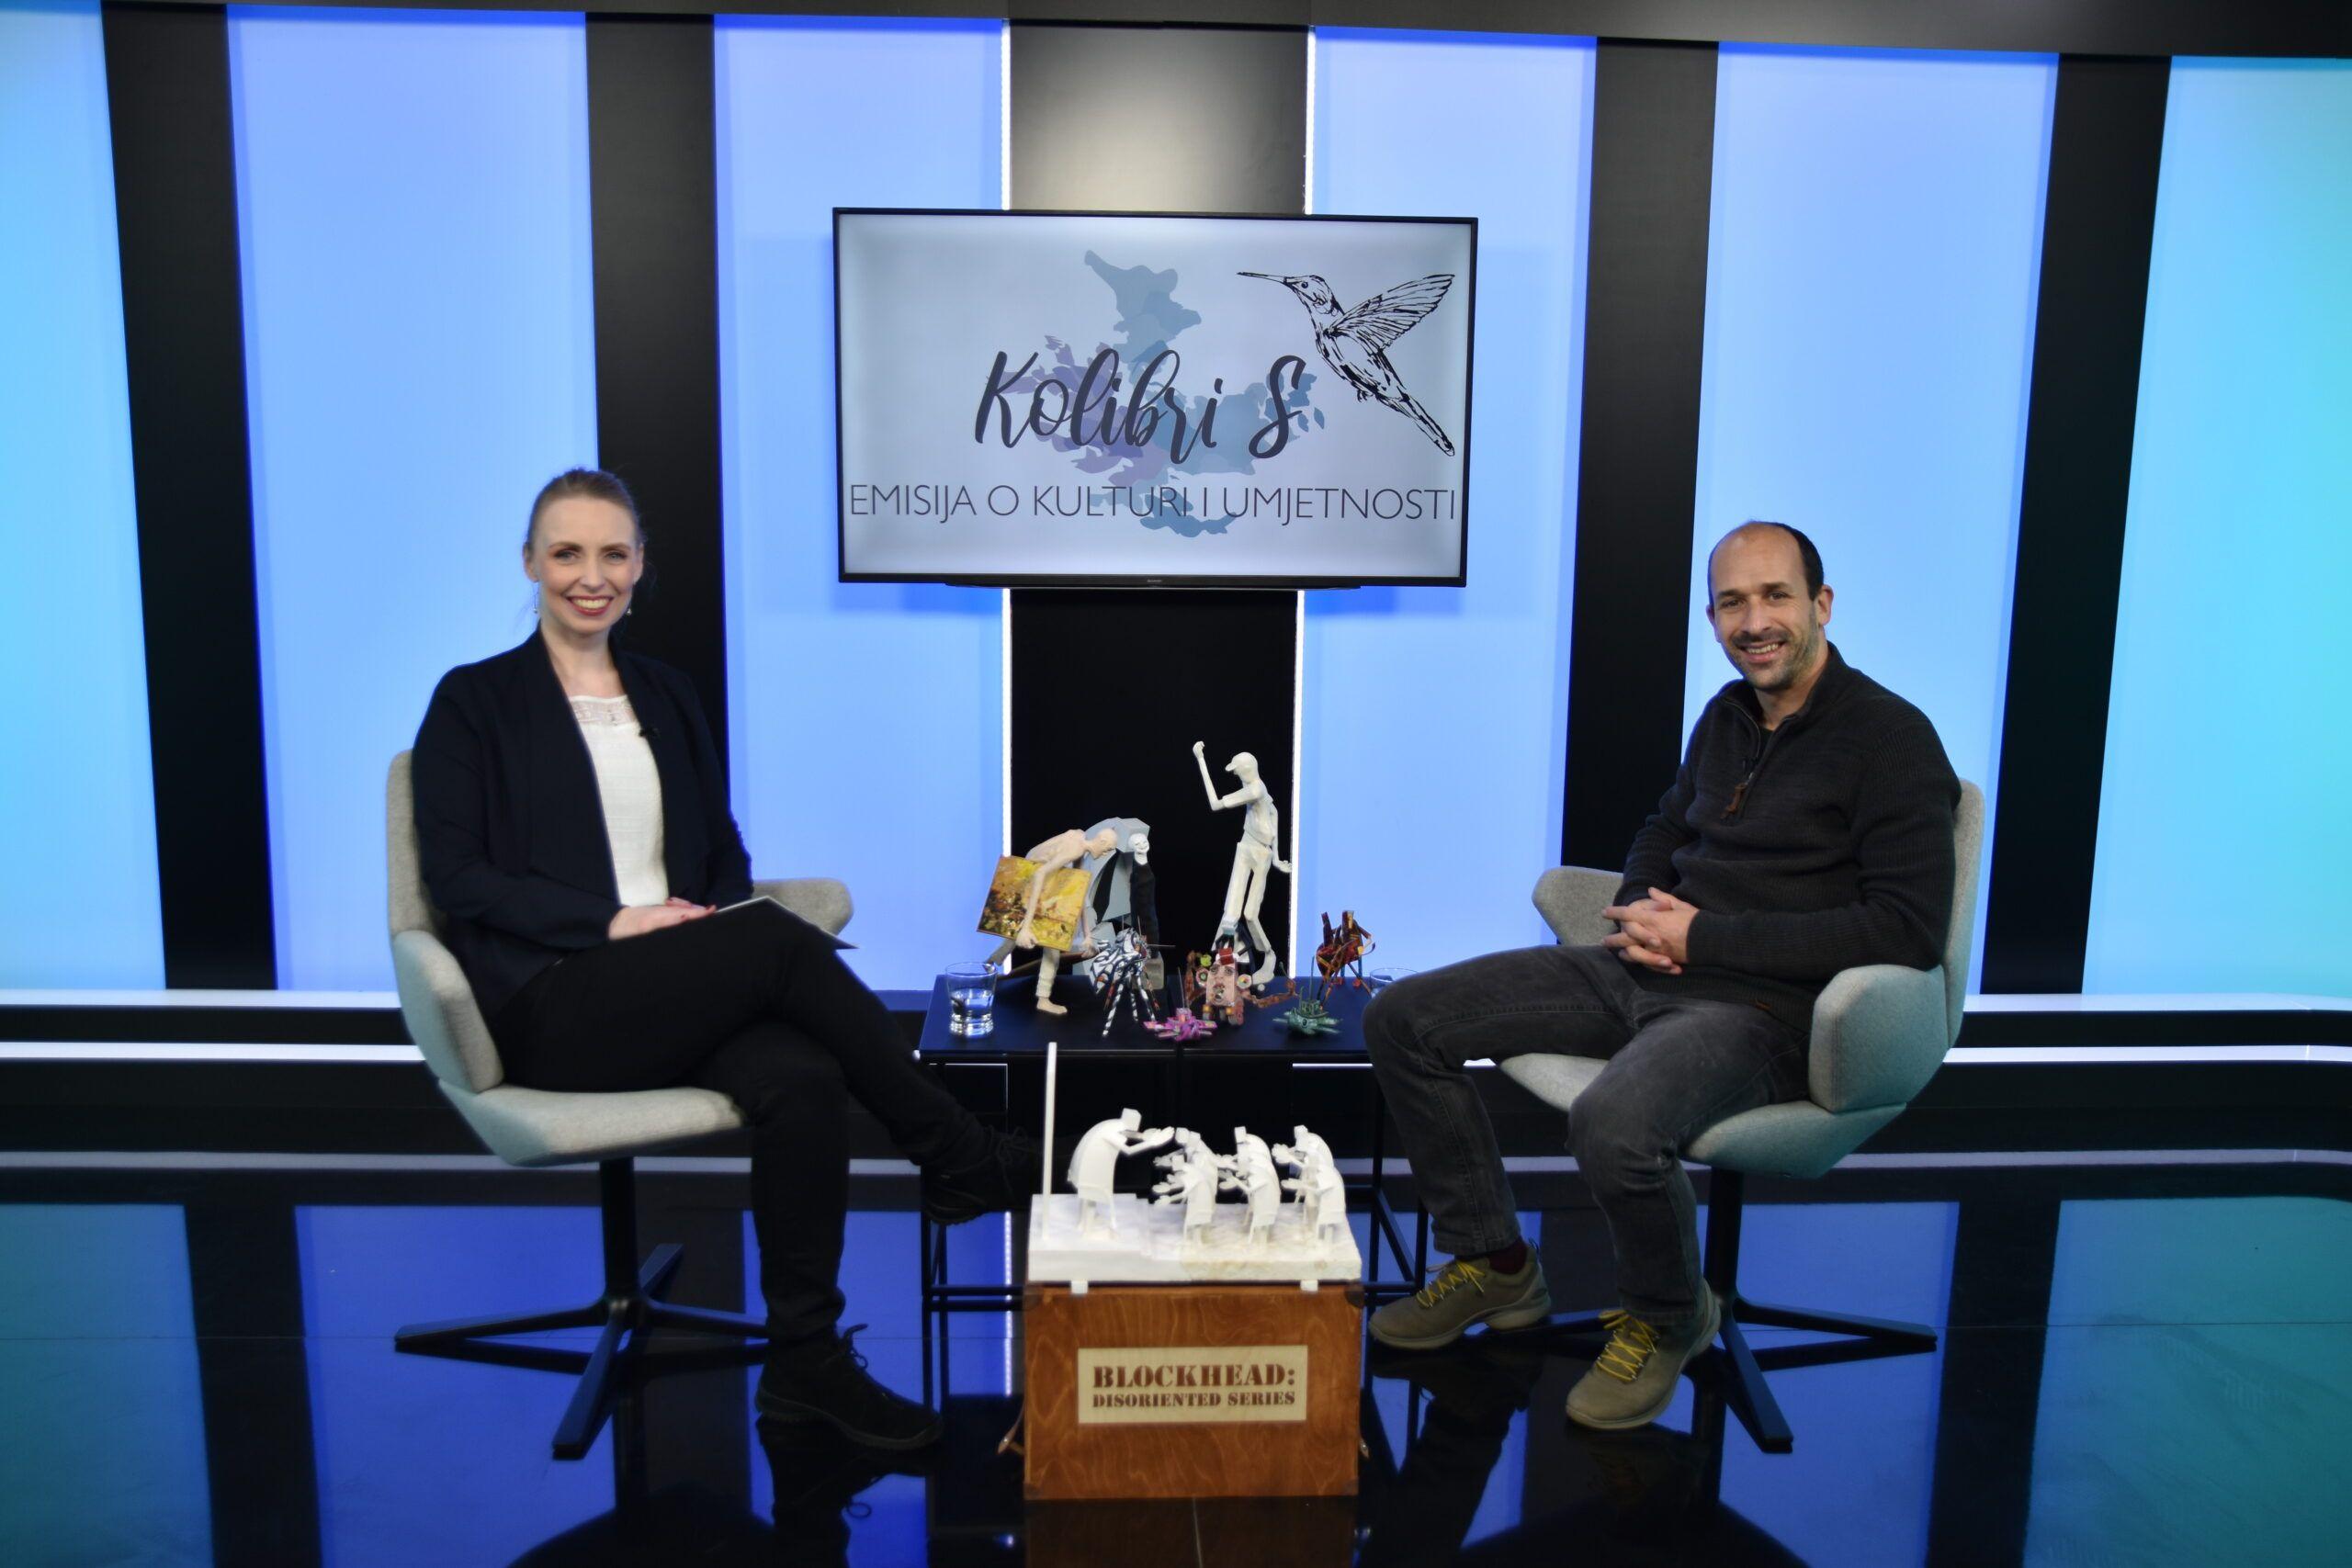 Jedan od 15 najboljih papertoys umjetnika na svijetu Marko Zubak novi je gost emisije KolibriS